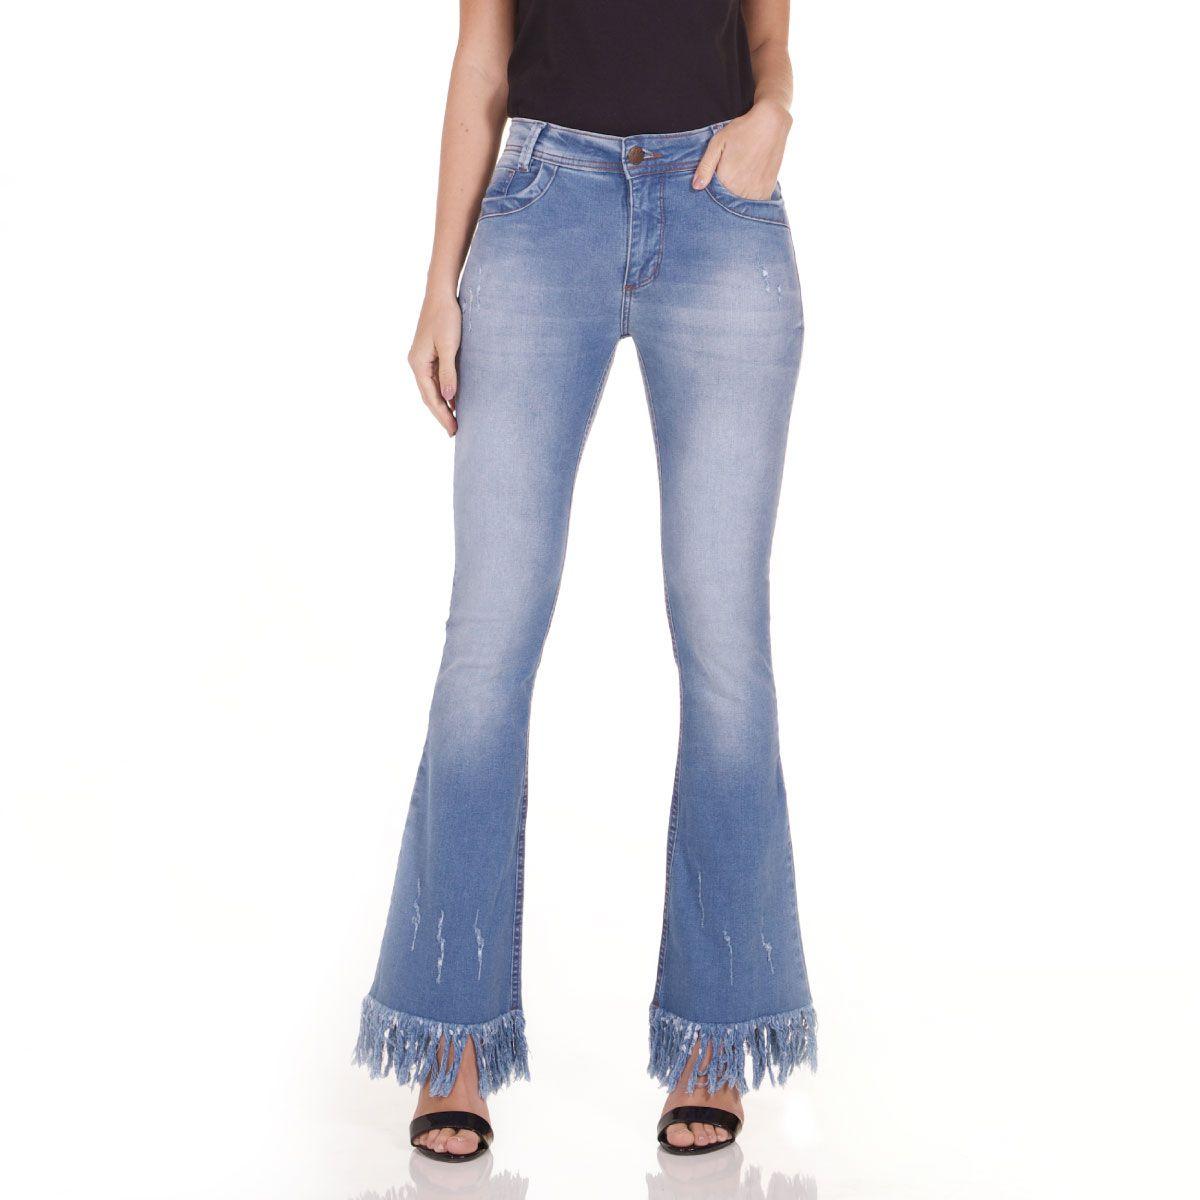 Calça Jeans Areazul Flare Feminina